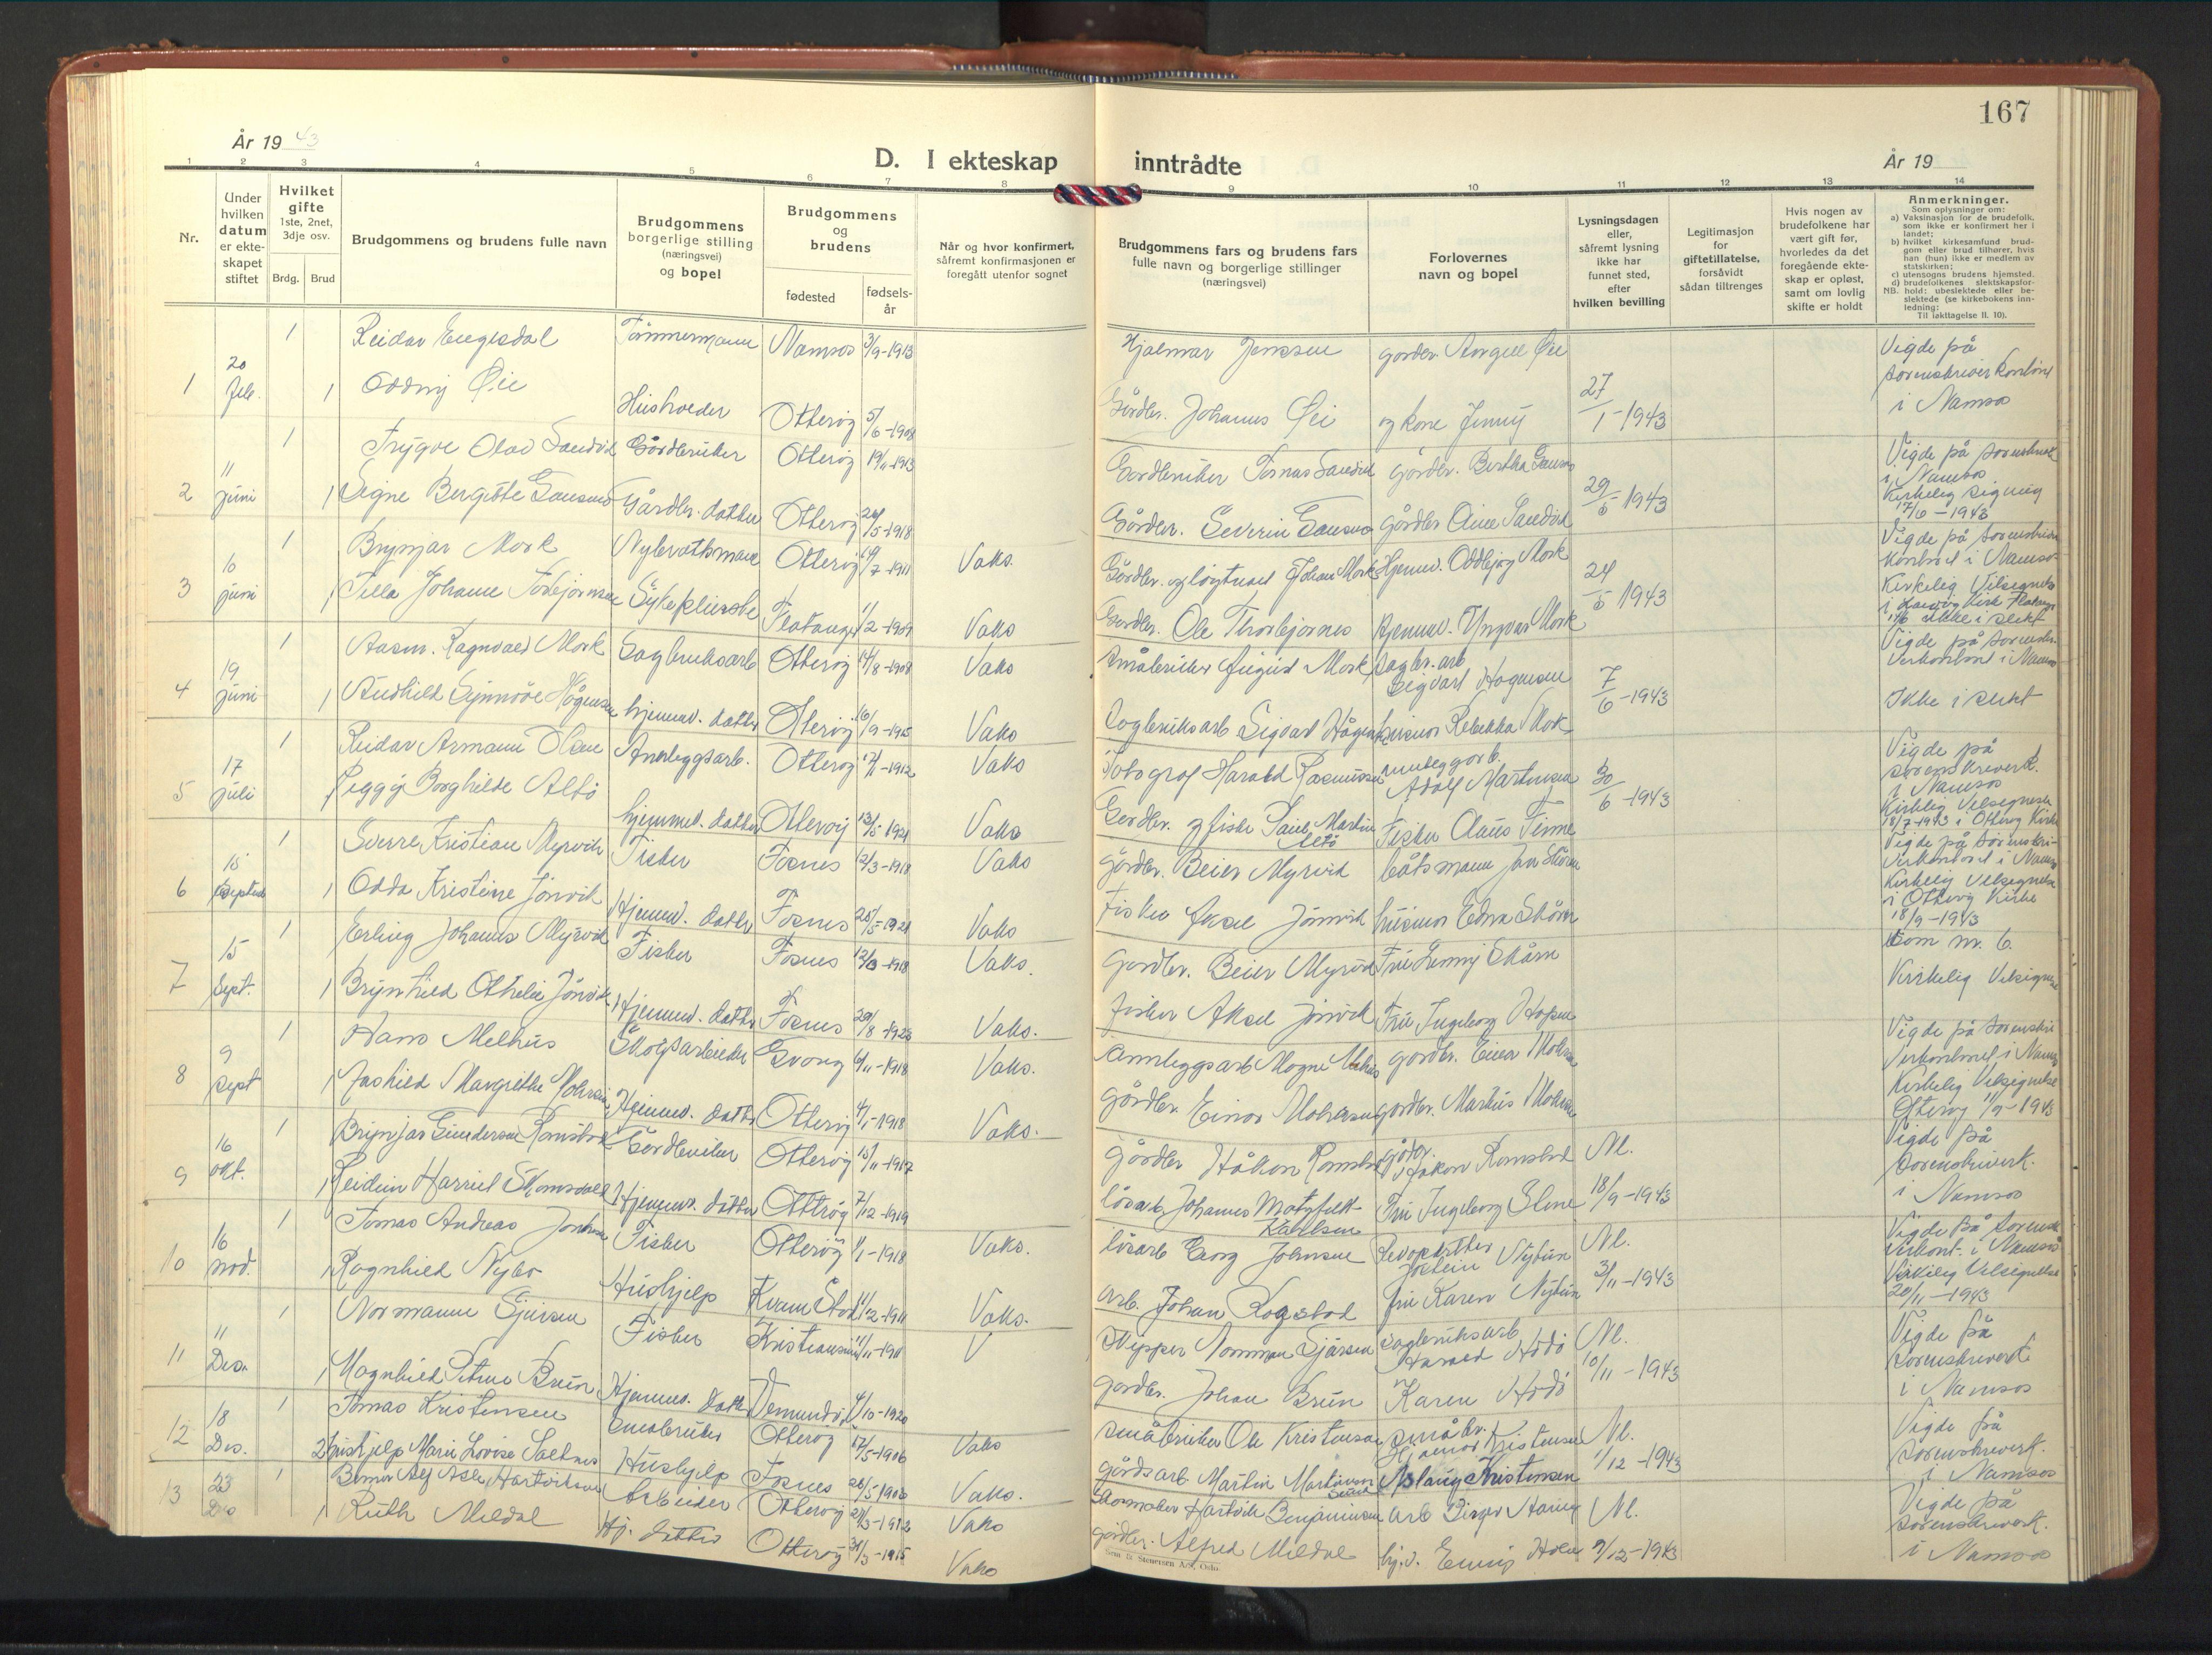 SAT, Ministerialprotokoller, klokkerbøker og fødselsregistre - Nord-Trøndelag, 774/L0631: Klokkerbok nr. 774C02, 1934-1950, s. 167